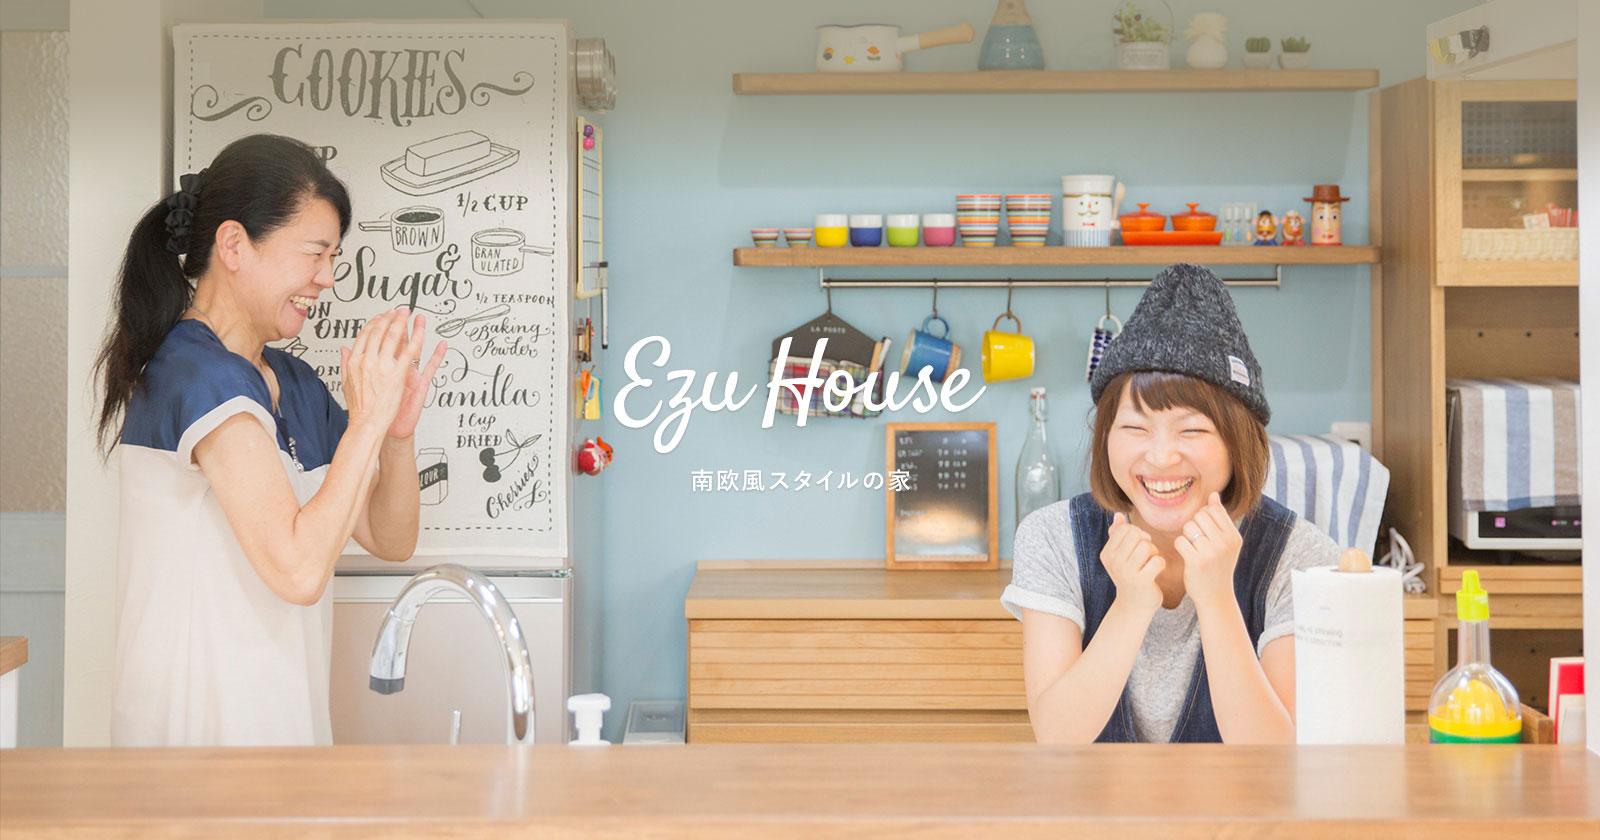 Ezu House 南欧風スタイルの家